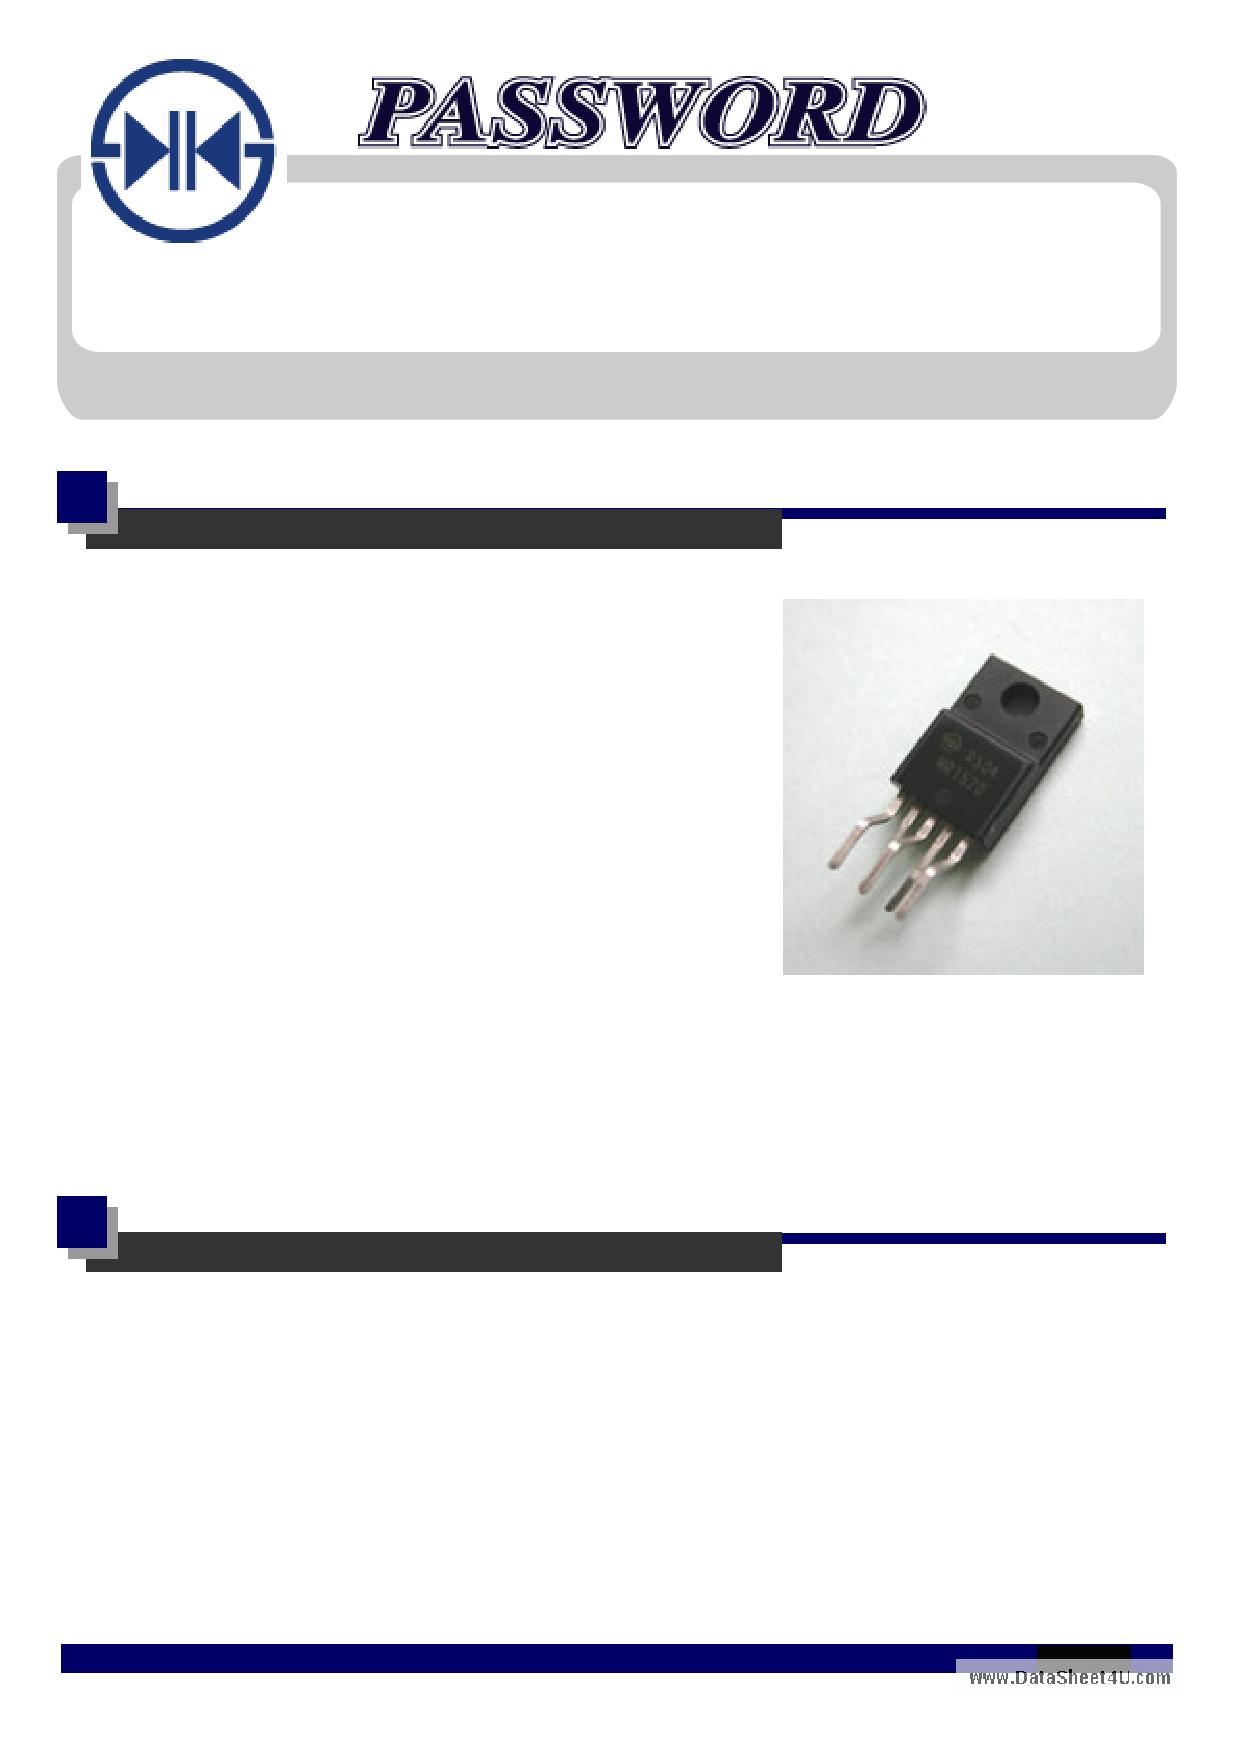 MR1721 datasheet, circuit